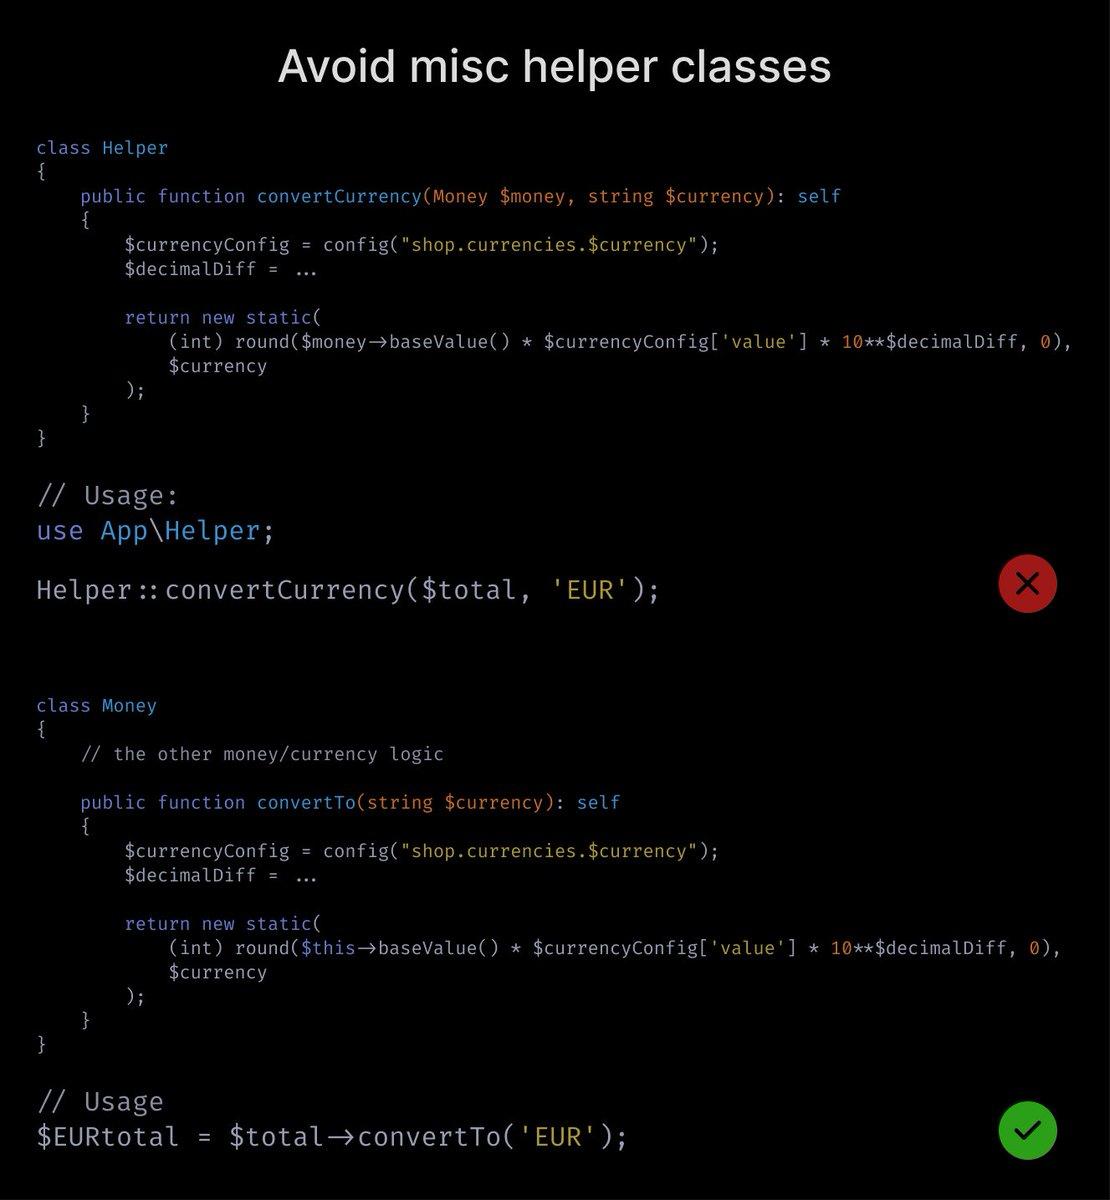 Avoid helper *classes*